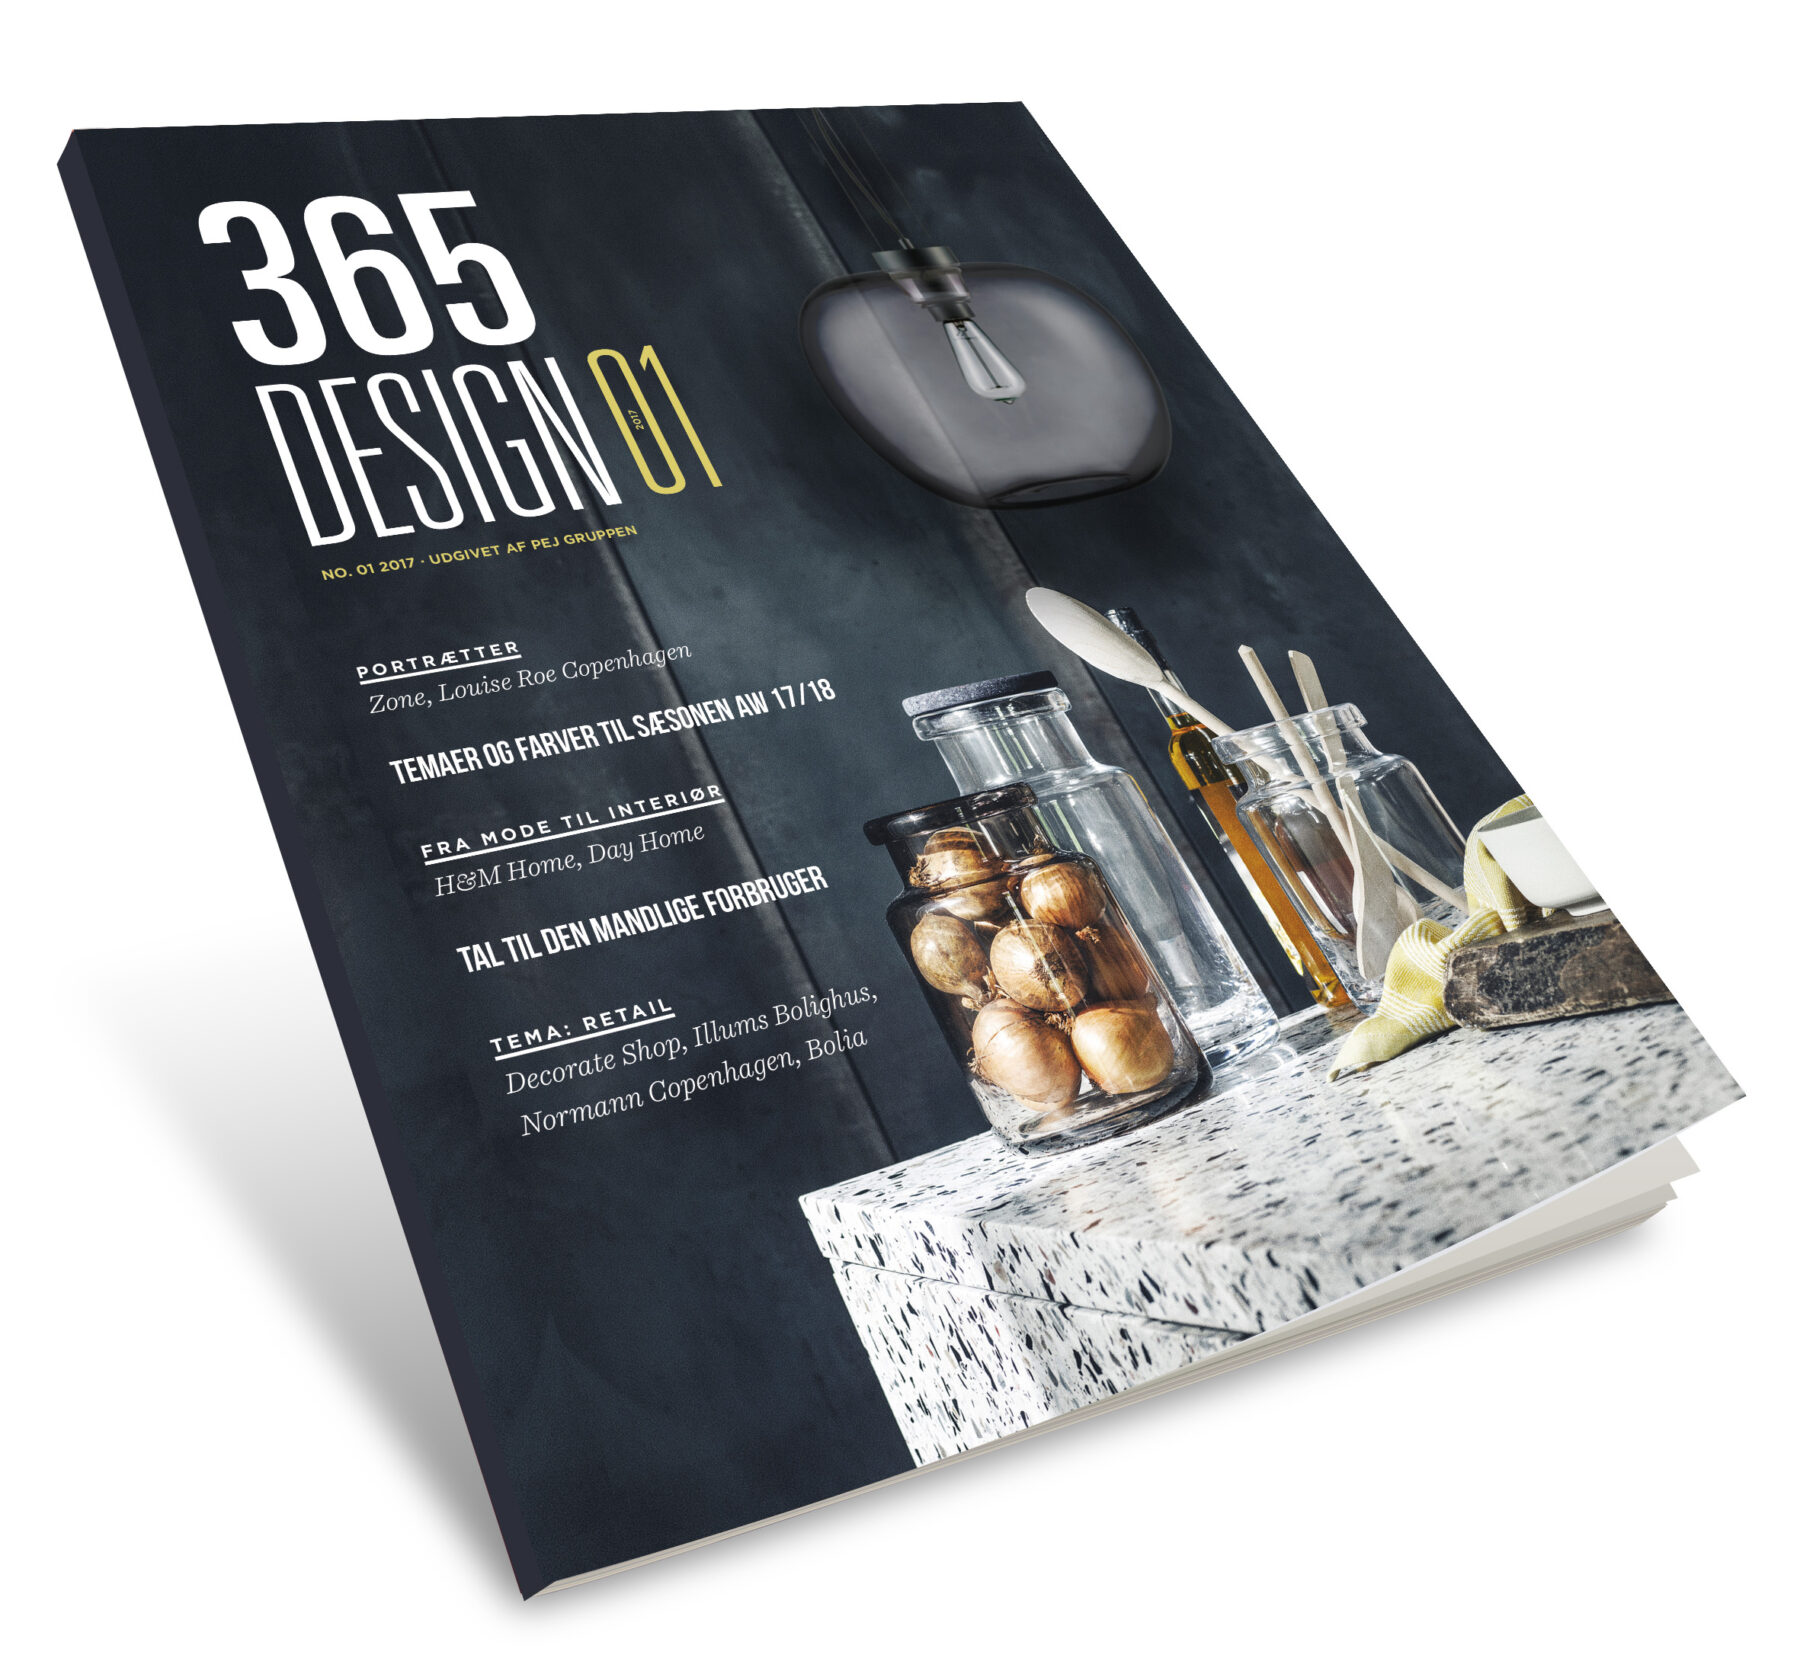 365design no. 1 2017